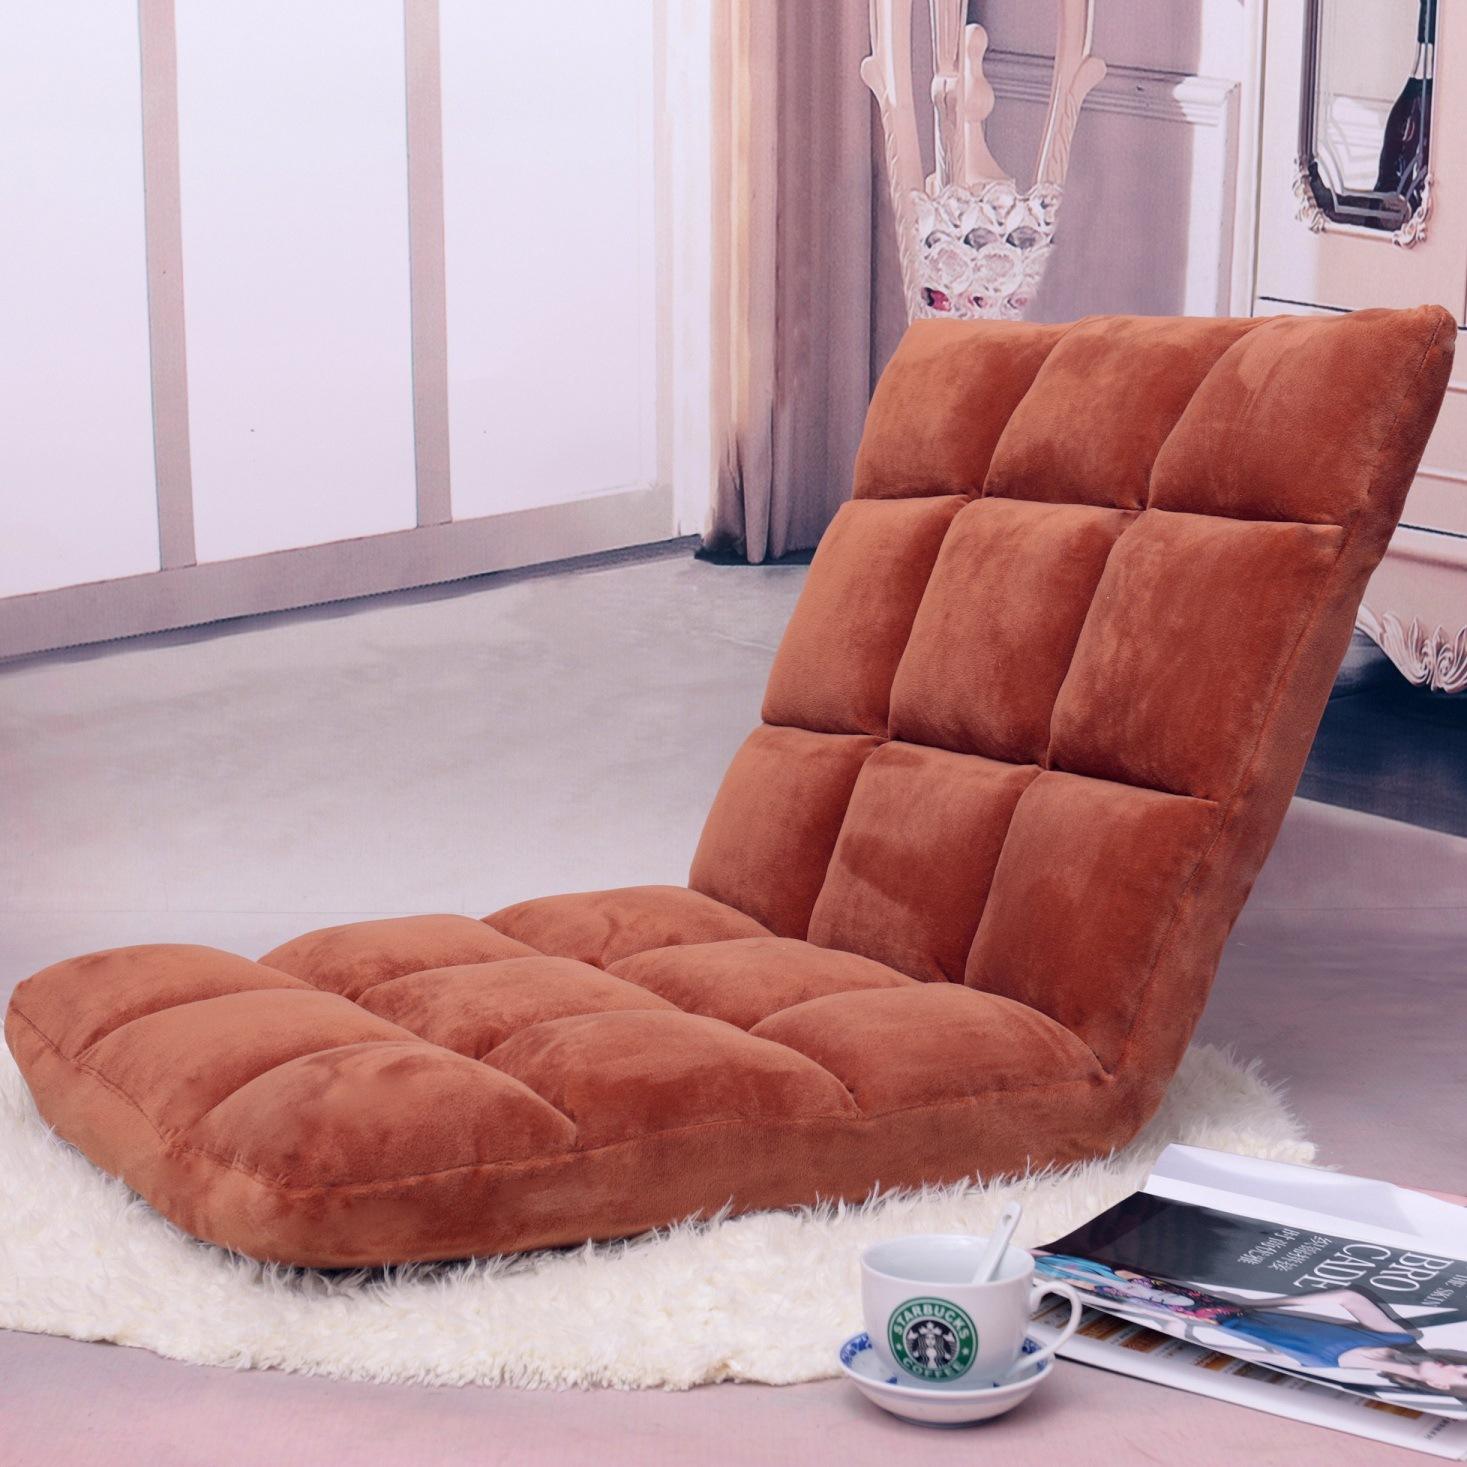 懒人沙发日式榻榻米可折叠单人小沙发床上电脑靠背椅子地板沙发